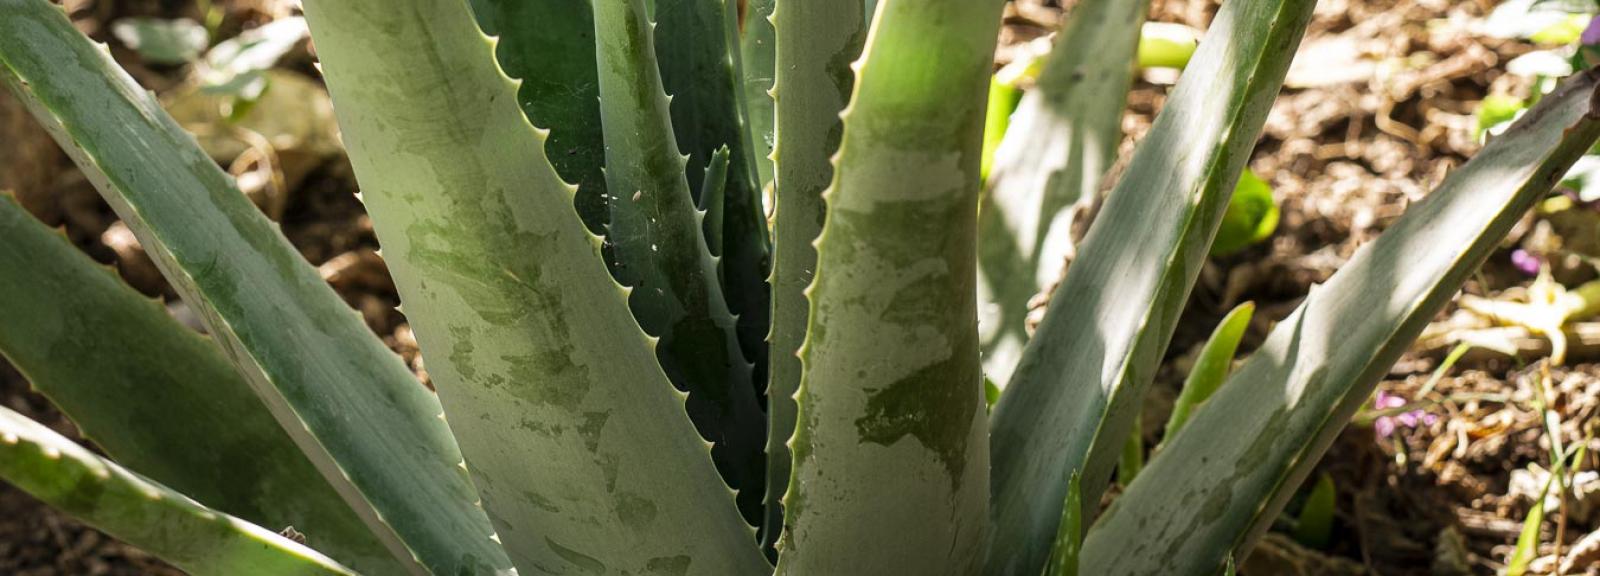 Aloes vrai (Aloe vera) - Jardin botanique Val Rahmeh-Menton © MNHN - Agnès Iatzoura